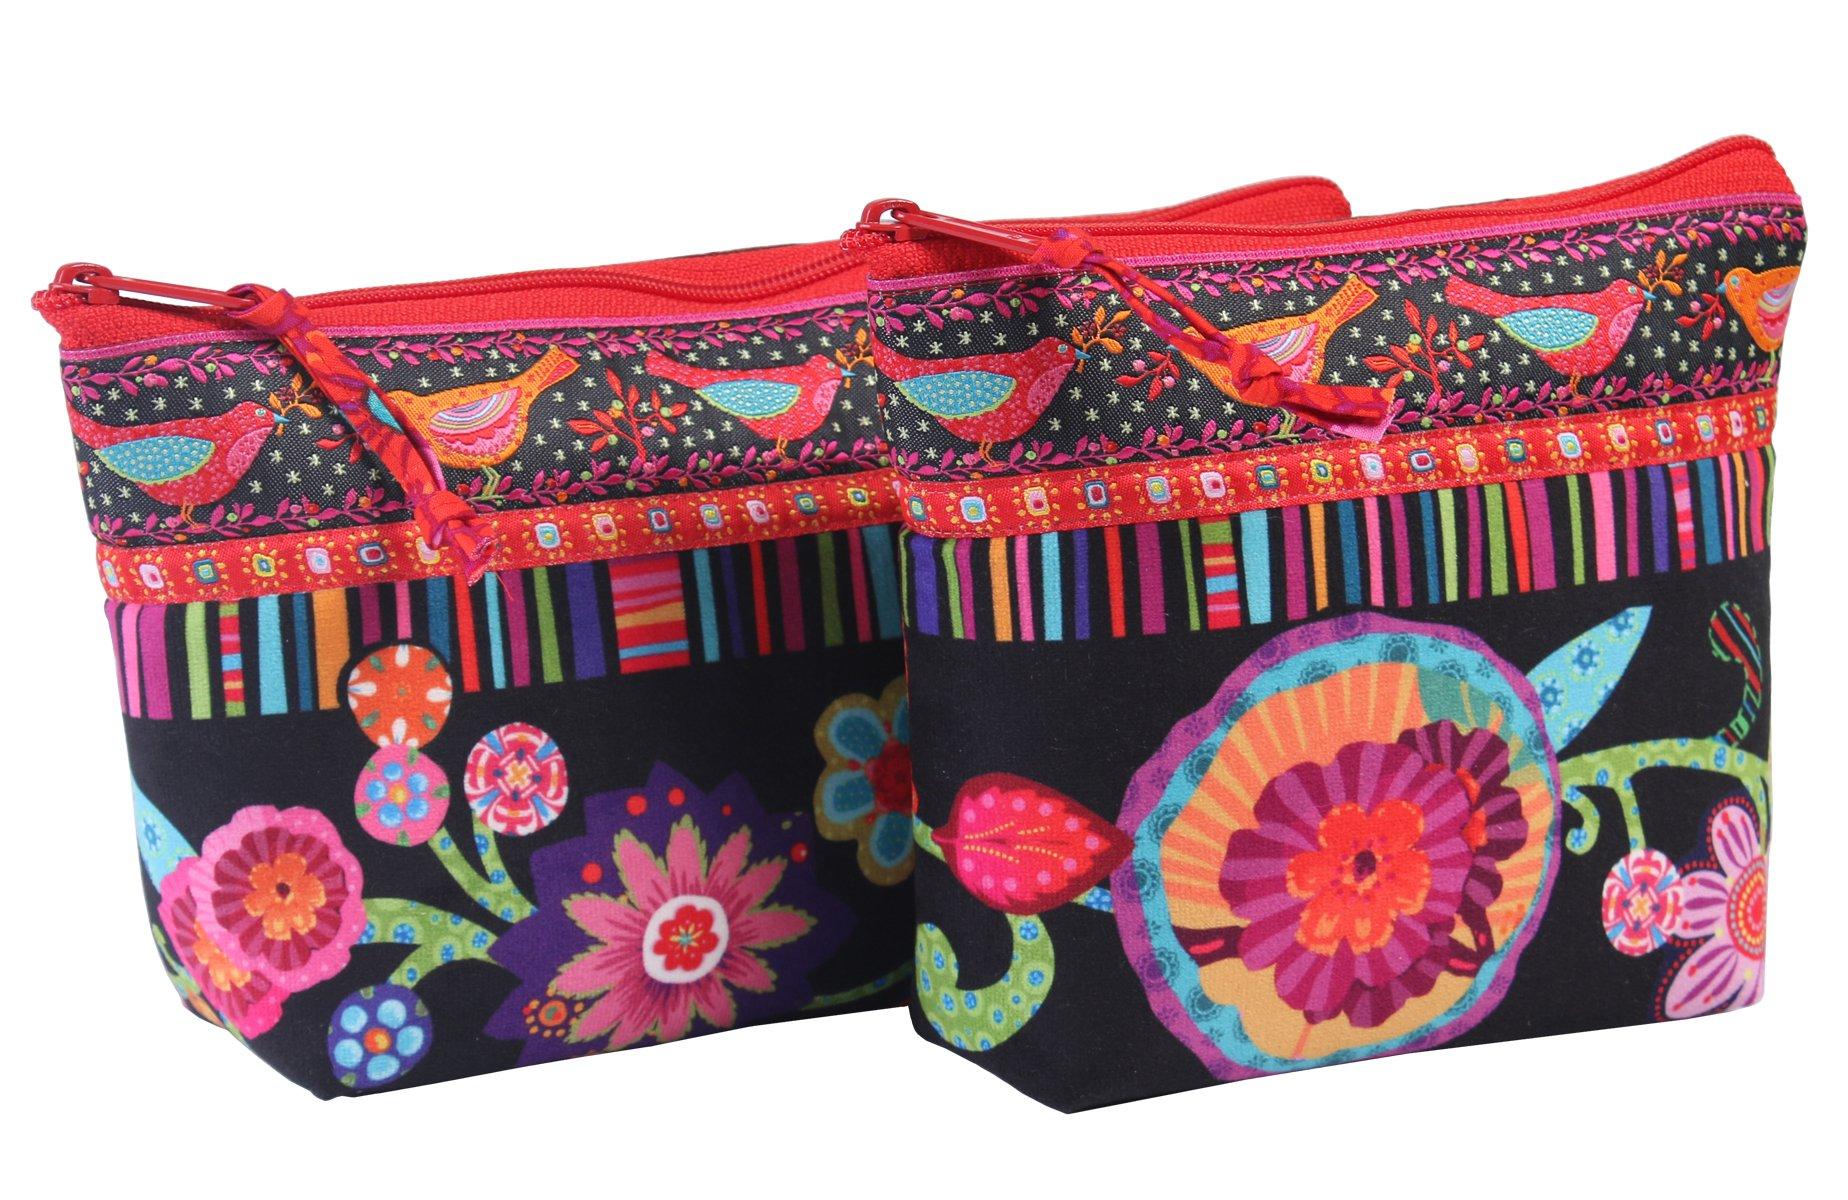 Renaissance Ribbon Bags Pattern